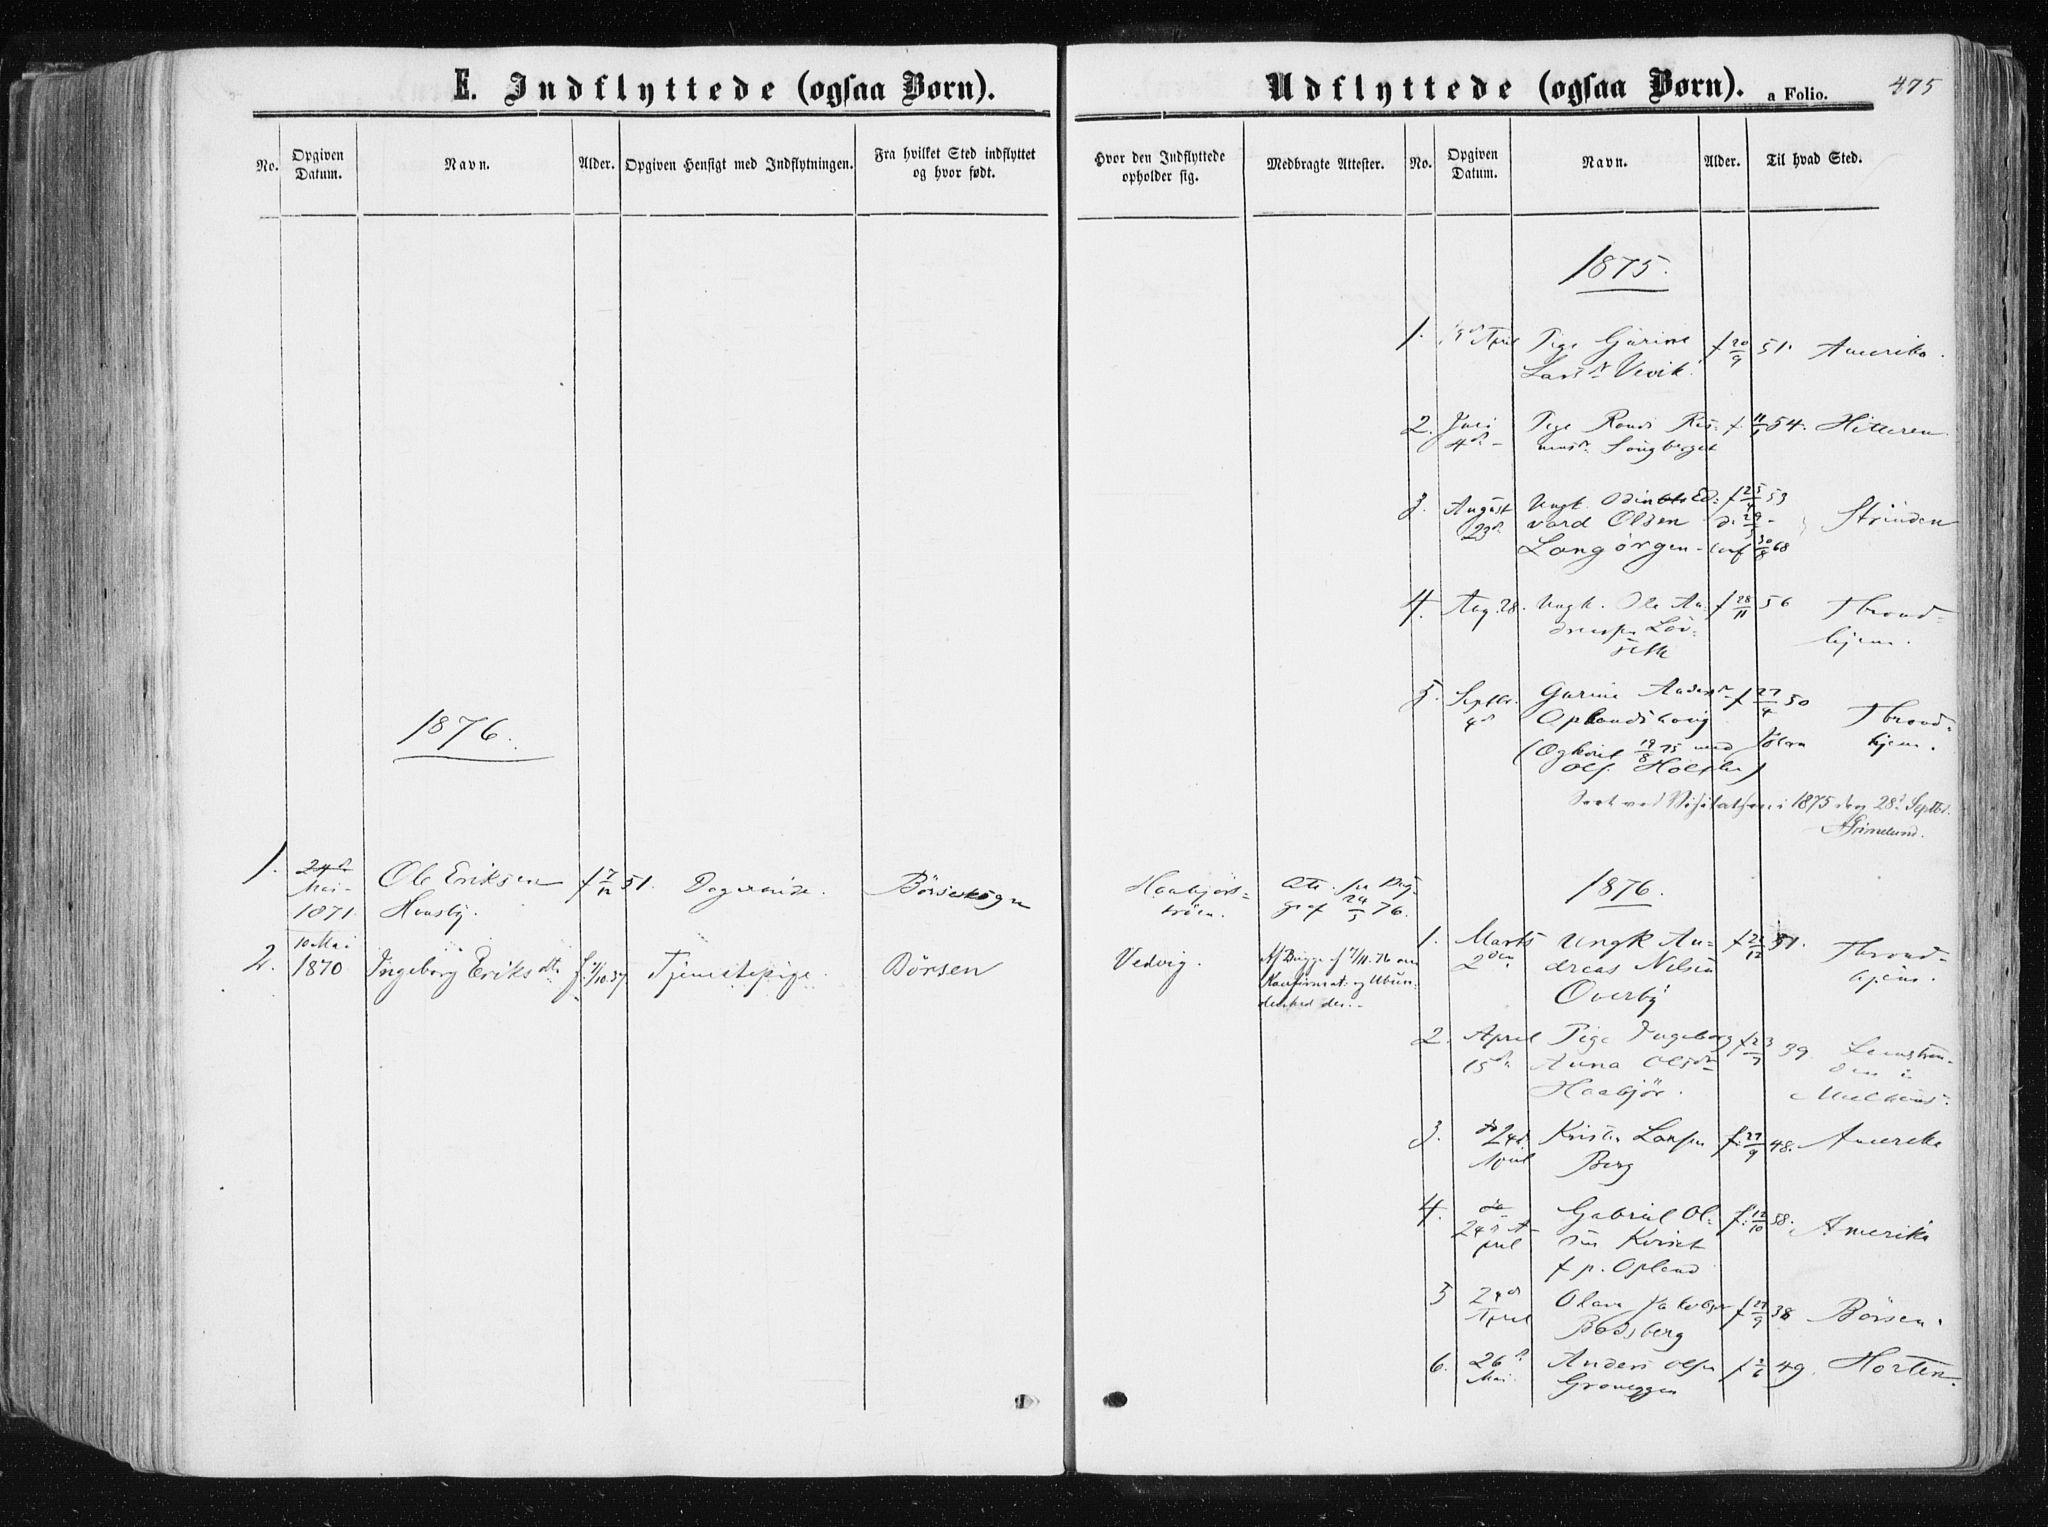 SAT, Ministerialprotokoller, klokkerbøker og fødselsregistre - Sør-Trøndelag, 612/L0377: Ministerialbok nr. 612A09, 1859-1877, s. 475